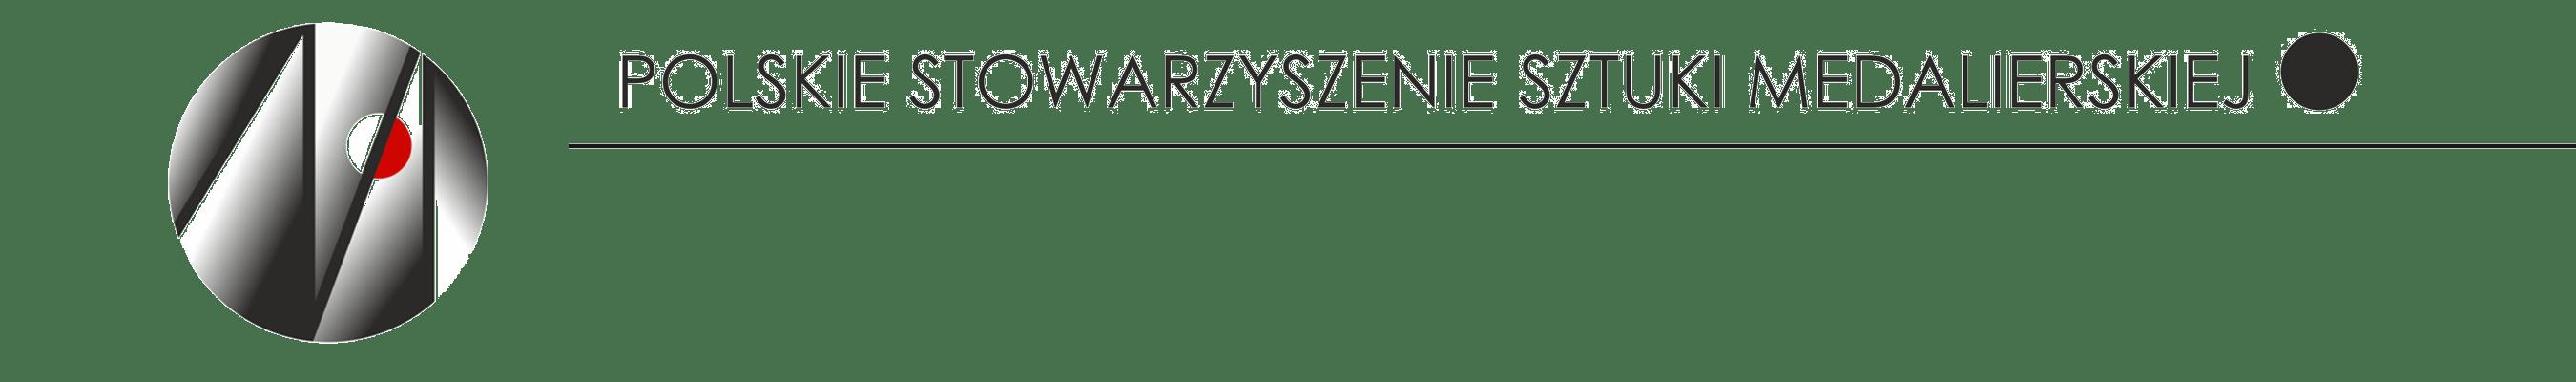 Polskie Stowarzyszenie Sztuki Medalierskiej - logo stowarzyszenia